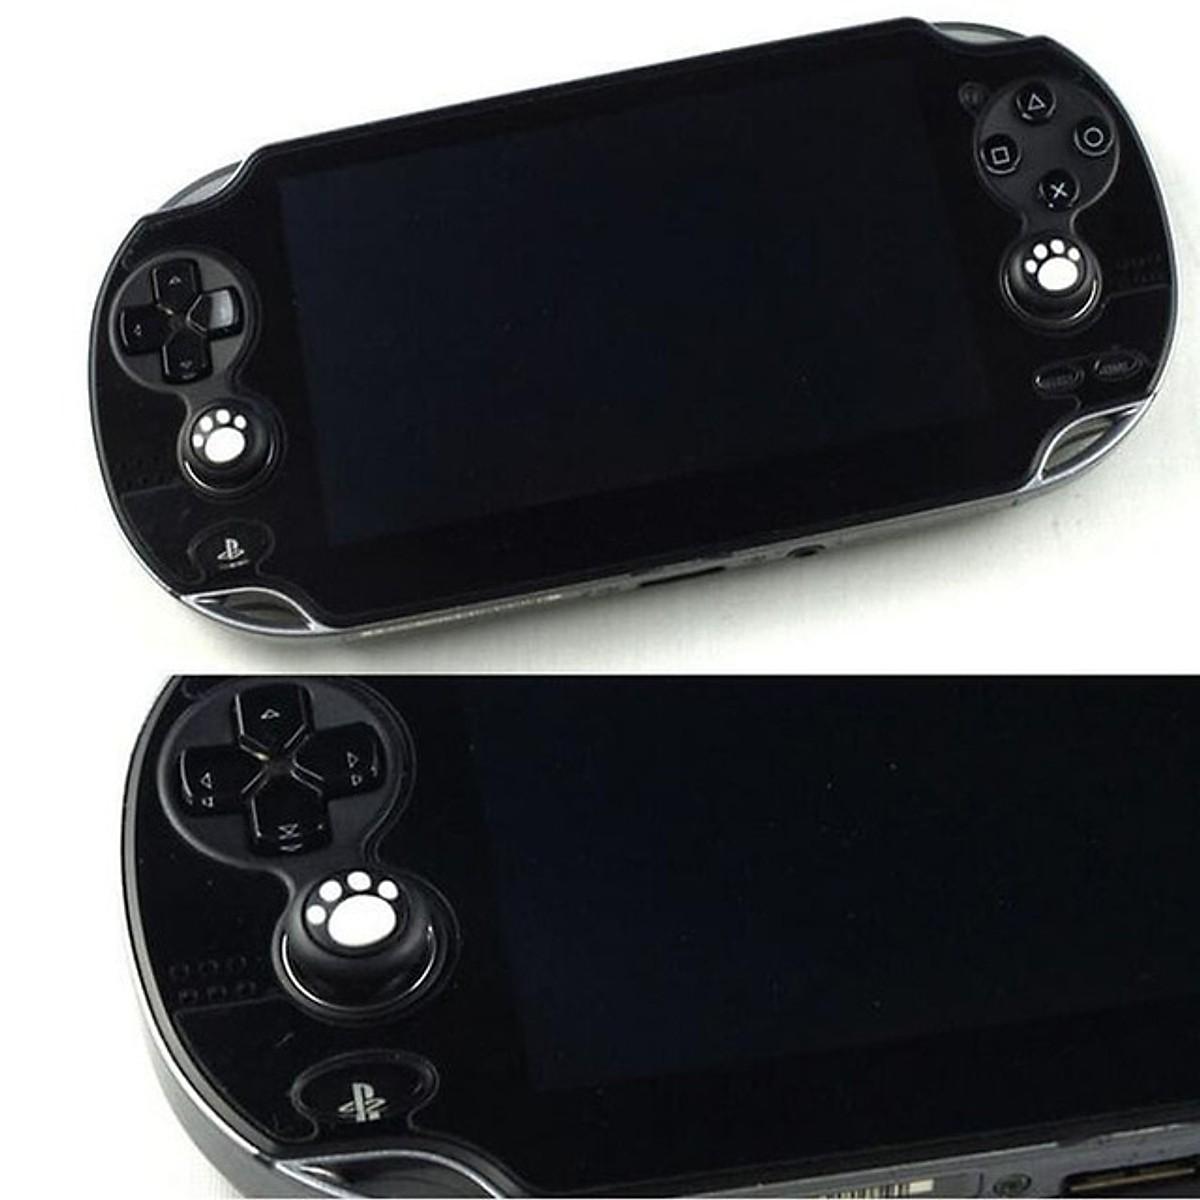 Bọc núm analog cho máy PS Vita set 4 cái giao mầu ngẫu nhiên